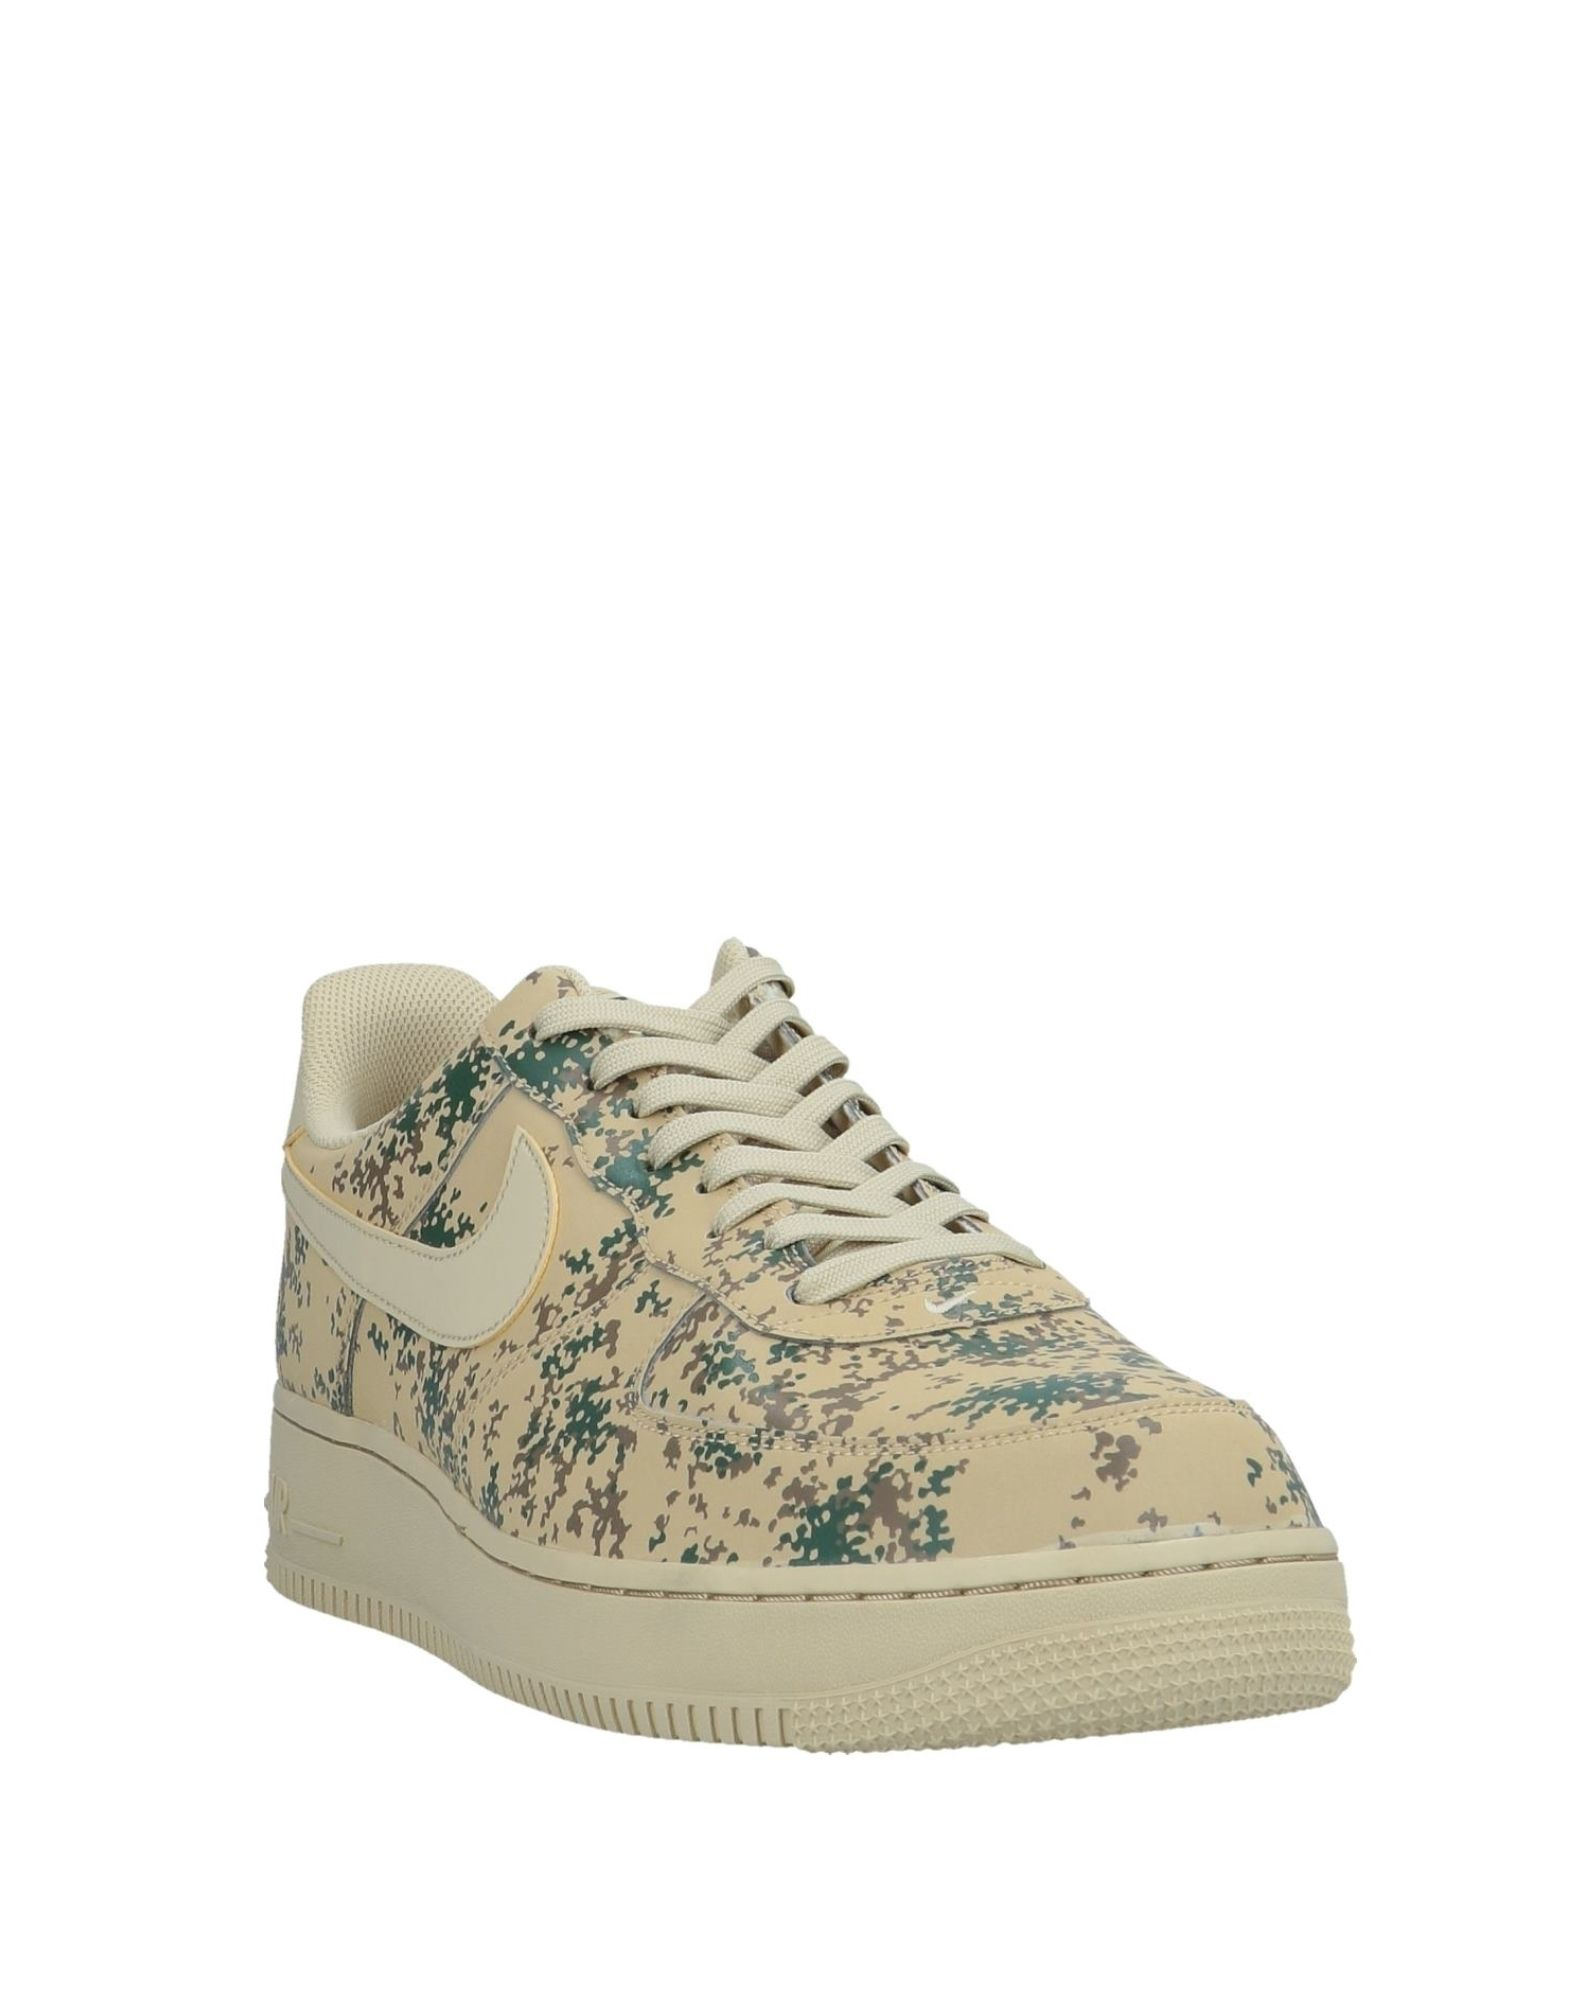 Rabatt Herren echte Schuhe Nike Sneakers Herren Rabatt  11557847XQ 3af9eb